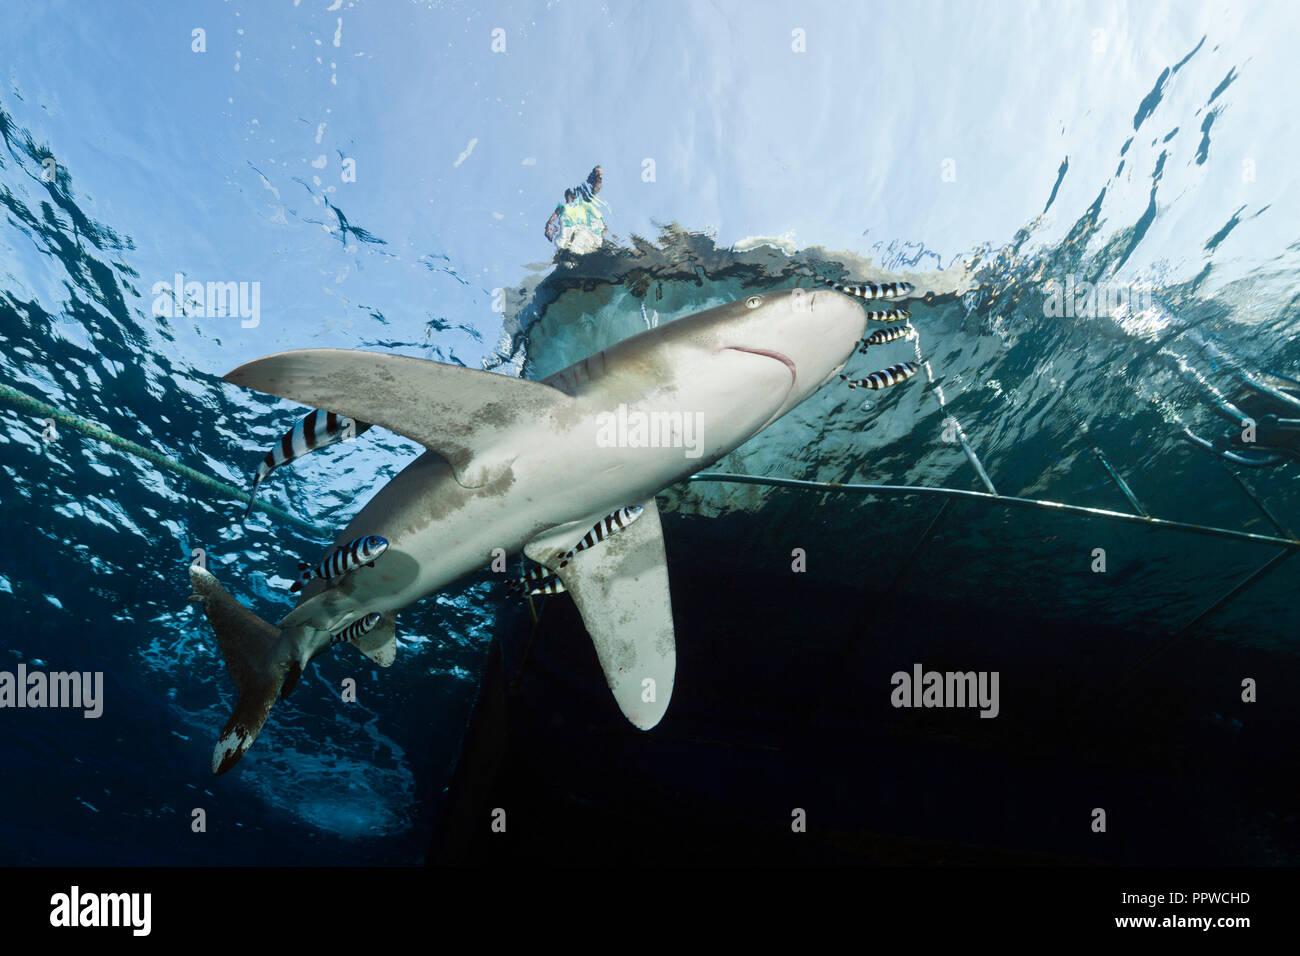 A continuación tiburón oceánico Liveaboard, Carcharhinus longimanus, Hermano Islas, Mar Rojo, Egipto Foto de stock